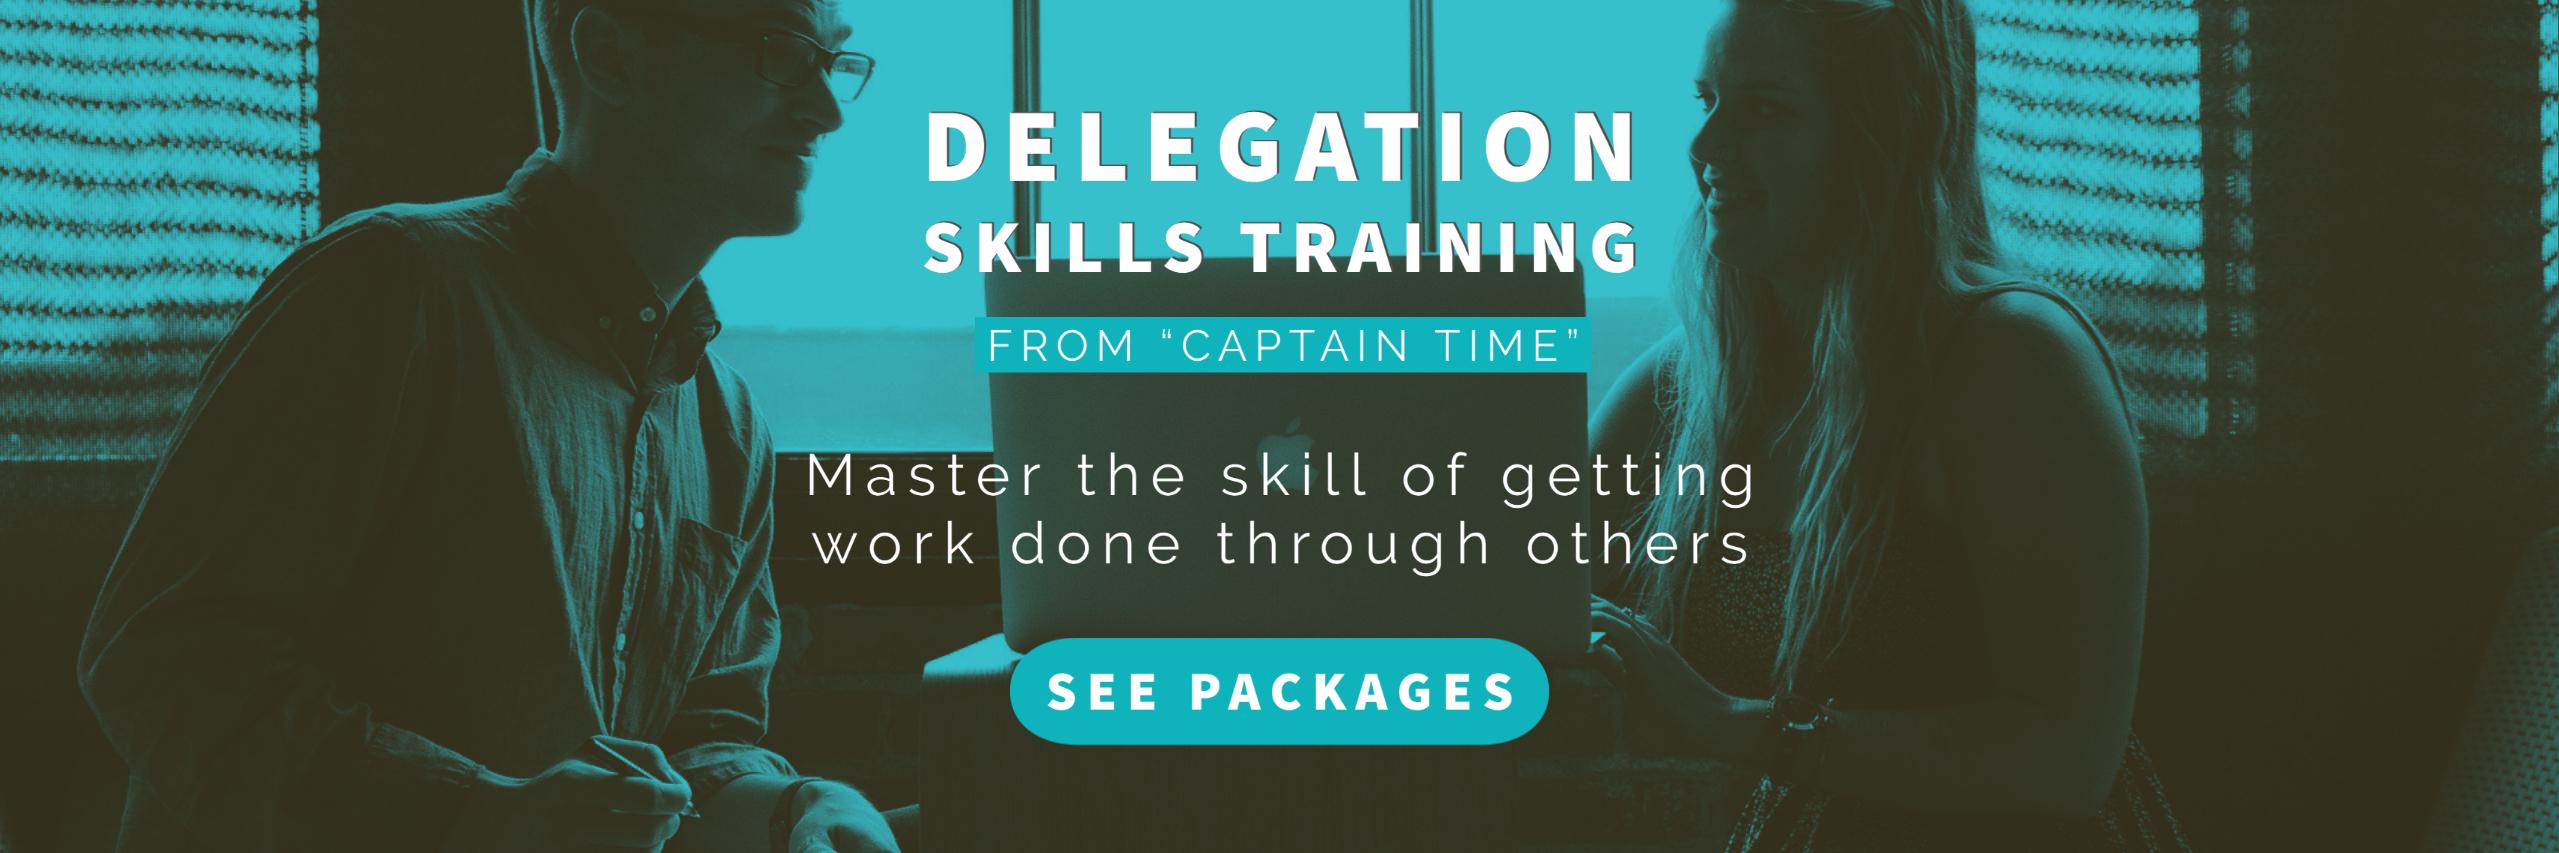 delegation skills training